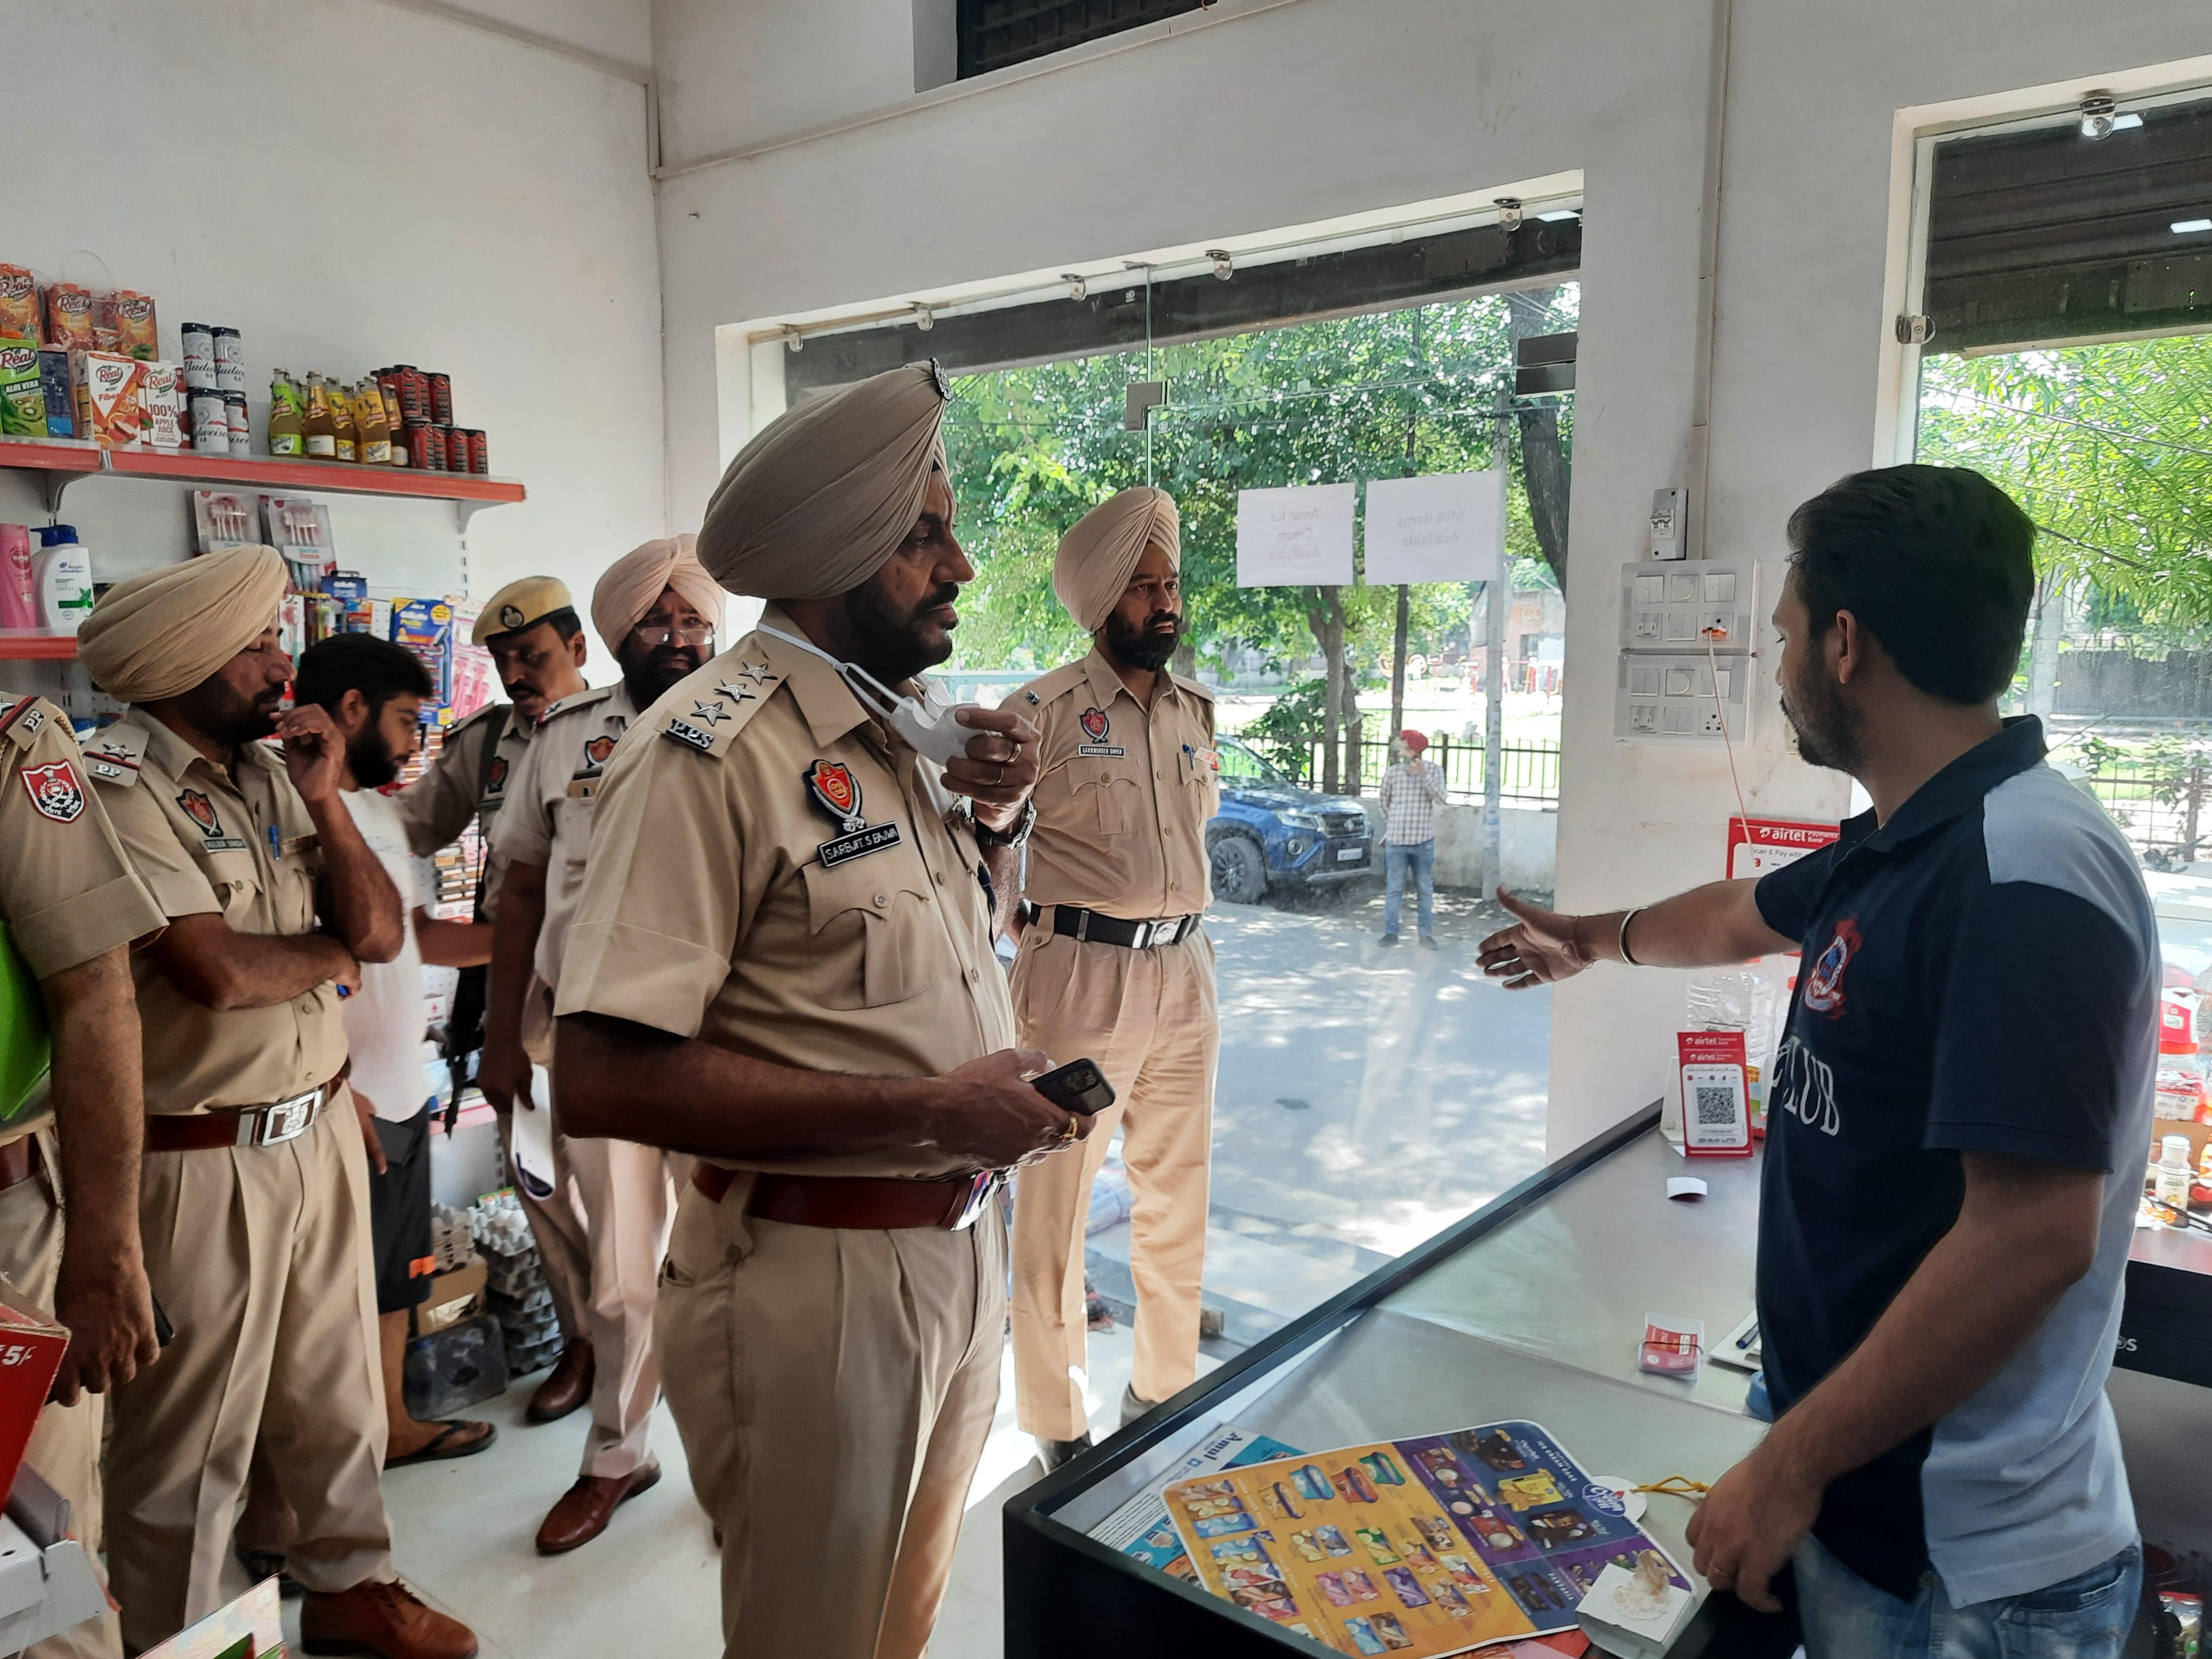 बाइक पर आए 2 बदमाशों में से एक ने तानी पिस्टल, दूसरे ने निकाले पैसे व मोबाइल; चंद मिनटों में ग्रॉसरी शॉप लूटकर हुए फरार अमृतसर,Amritsar - Dainik Bhaskar